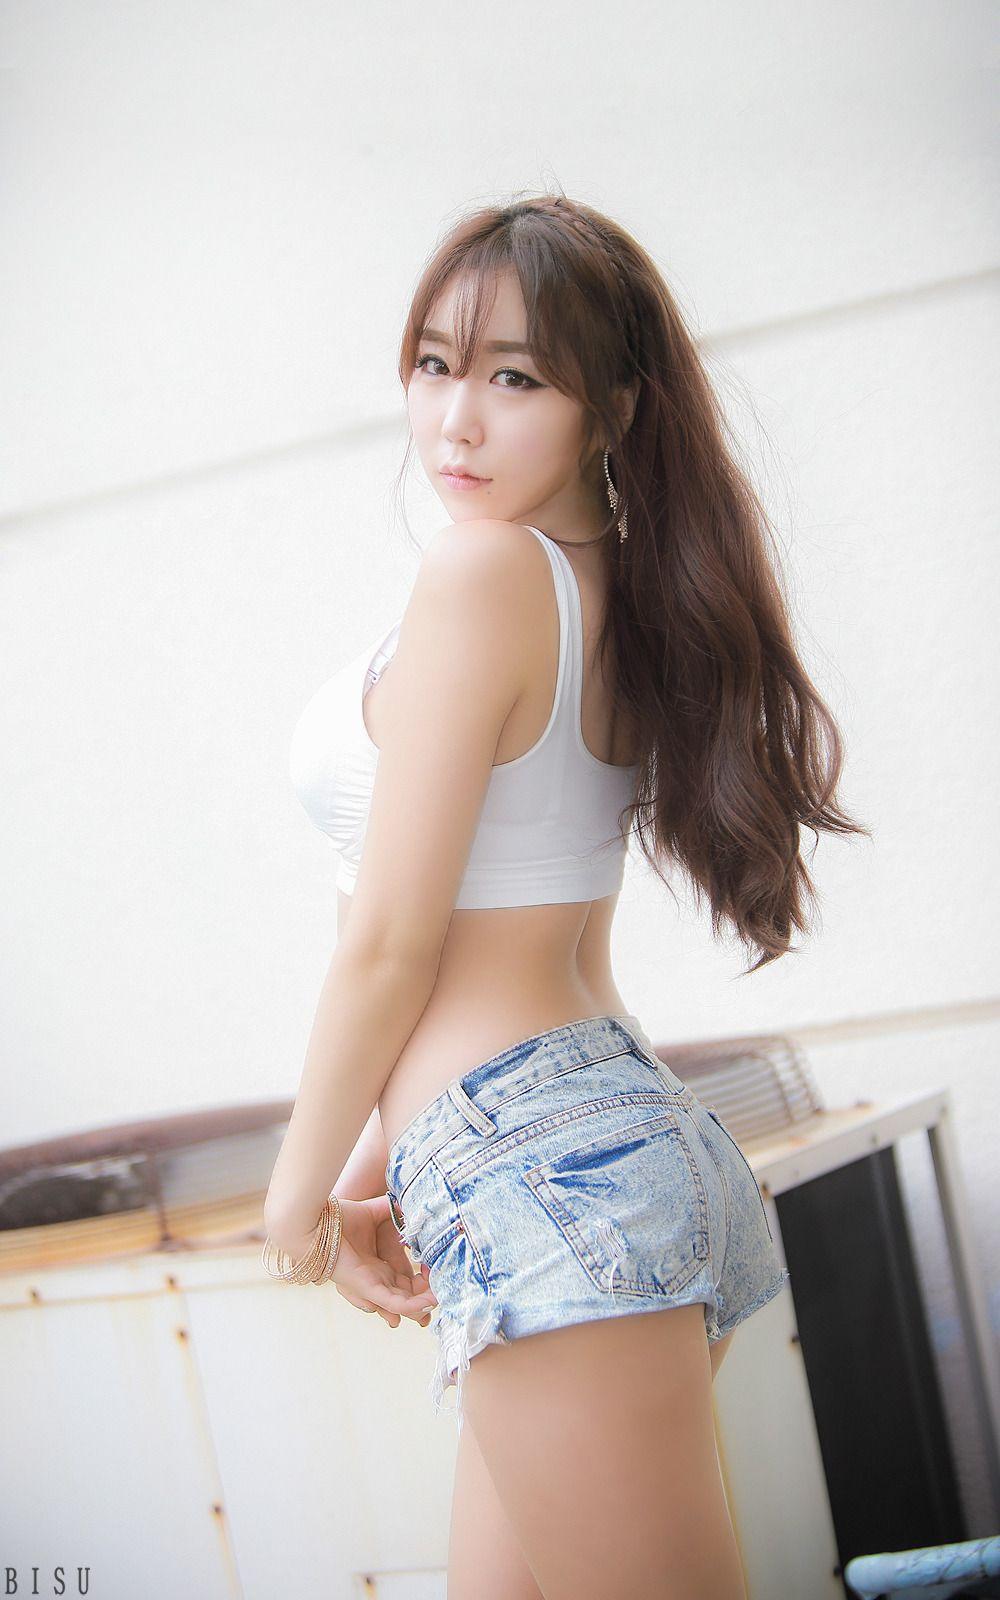 Girls jean shorts ass